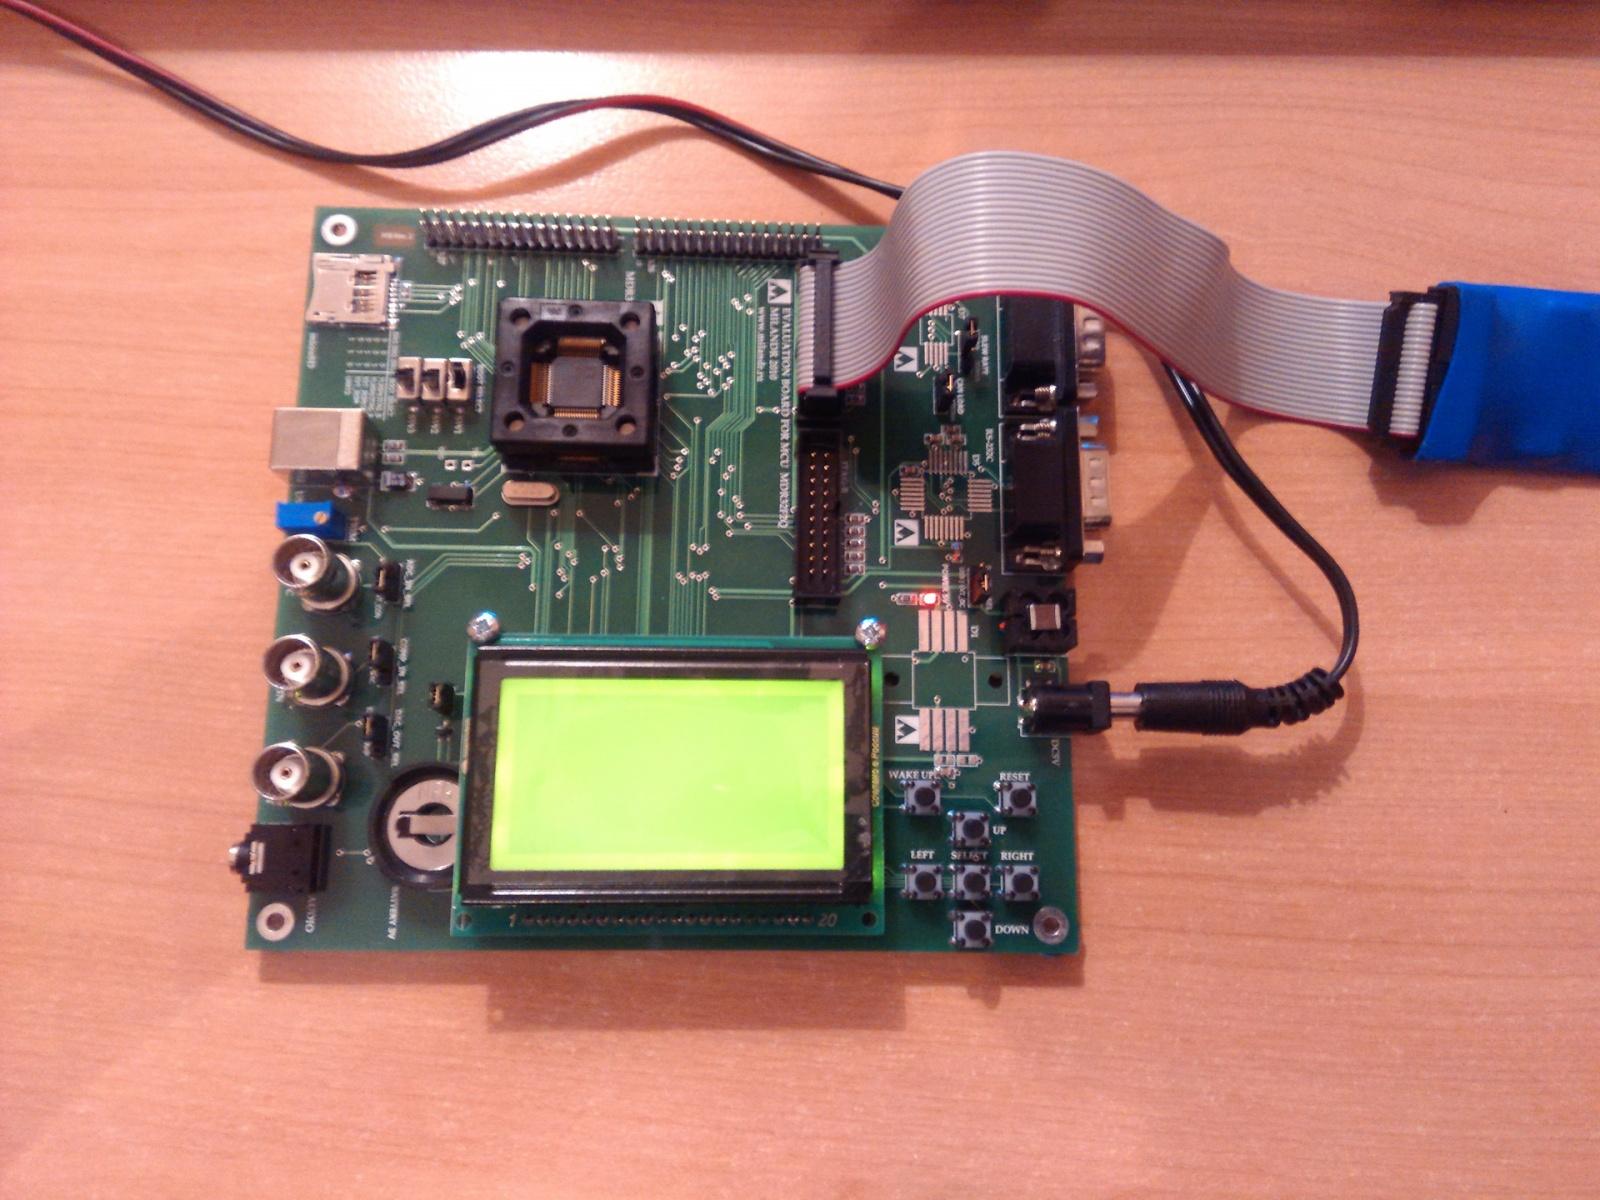 Переходим с STM32F103 на К1986ВЕ92QI. Или первое знакомство с российским микроконтроллером - 24